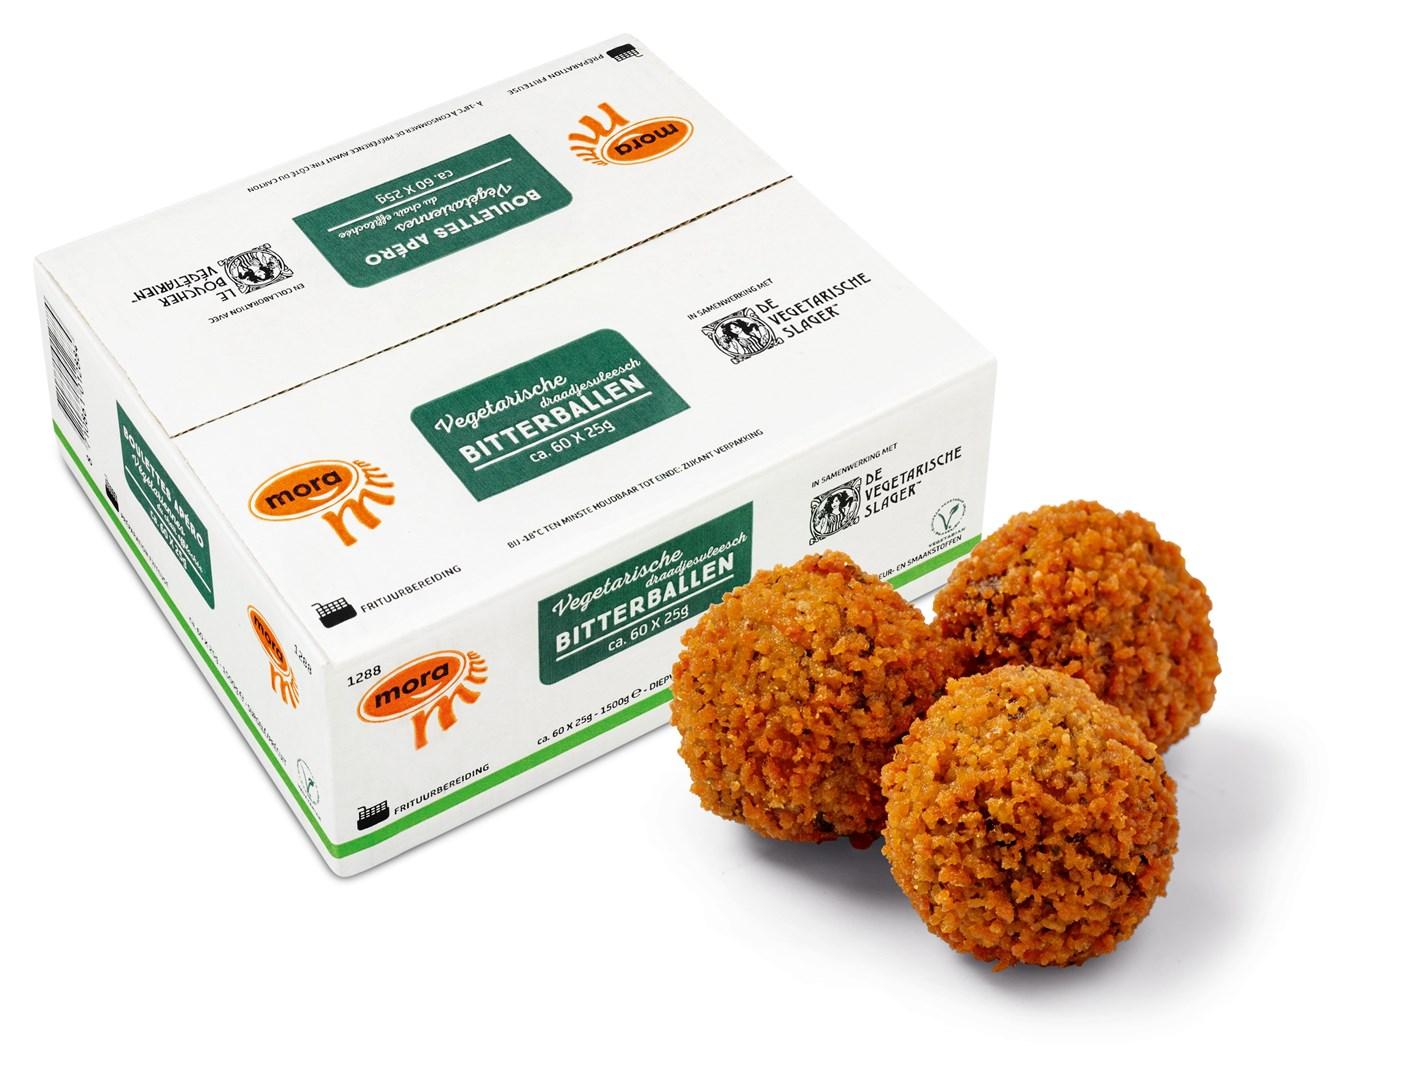 Productafbeelding 1288 Vegetarische Draadjesvleesch Bitterballen 1500g